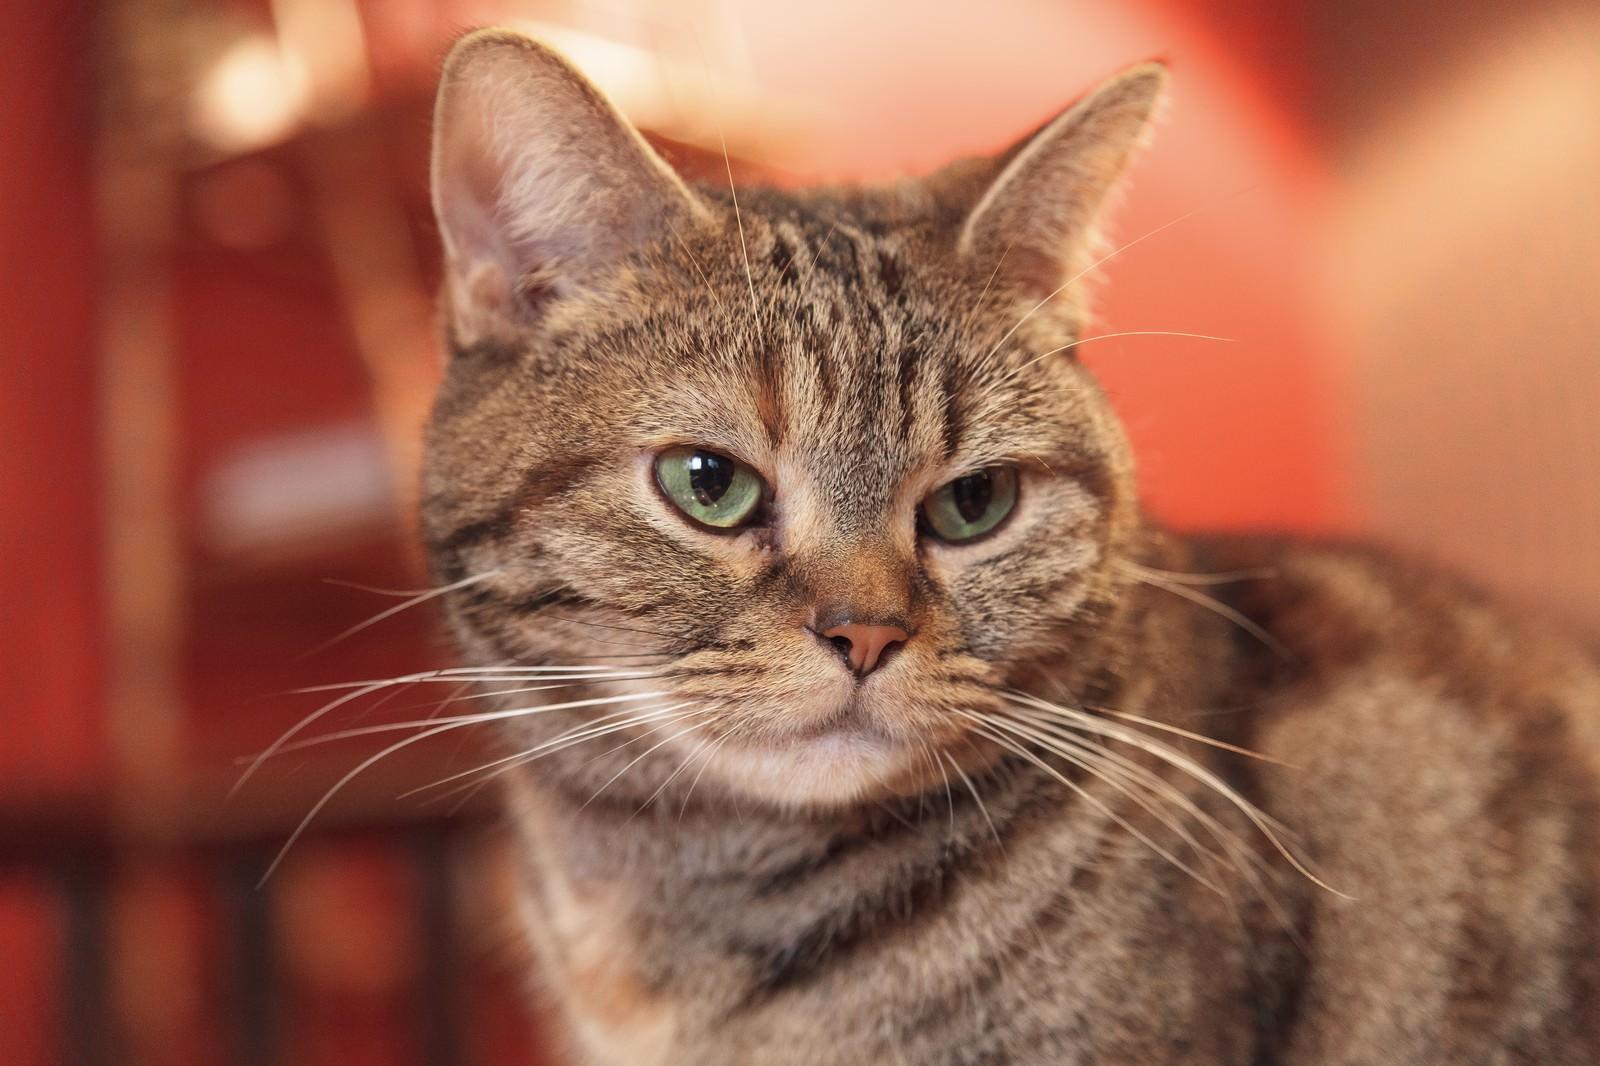 「猫カフェの猫ちゃん」の写真